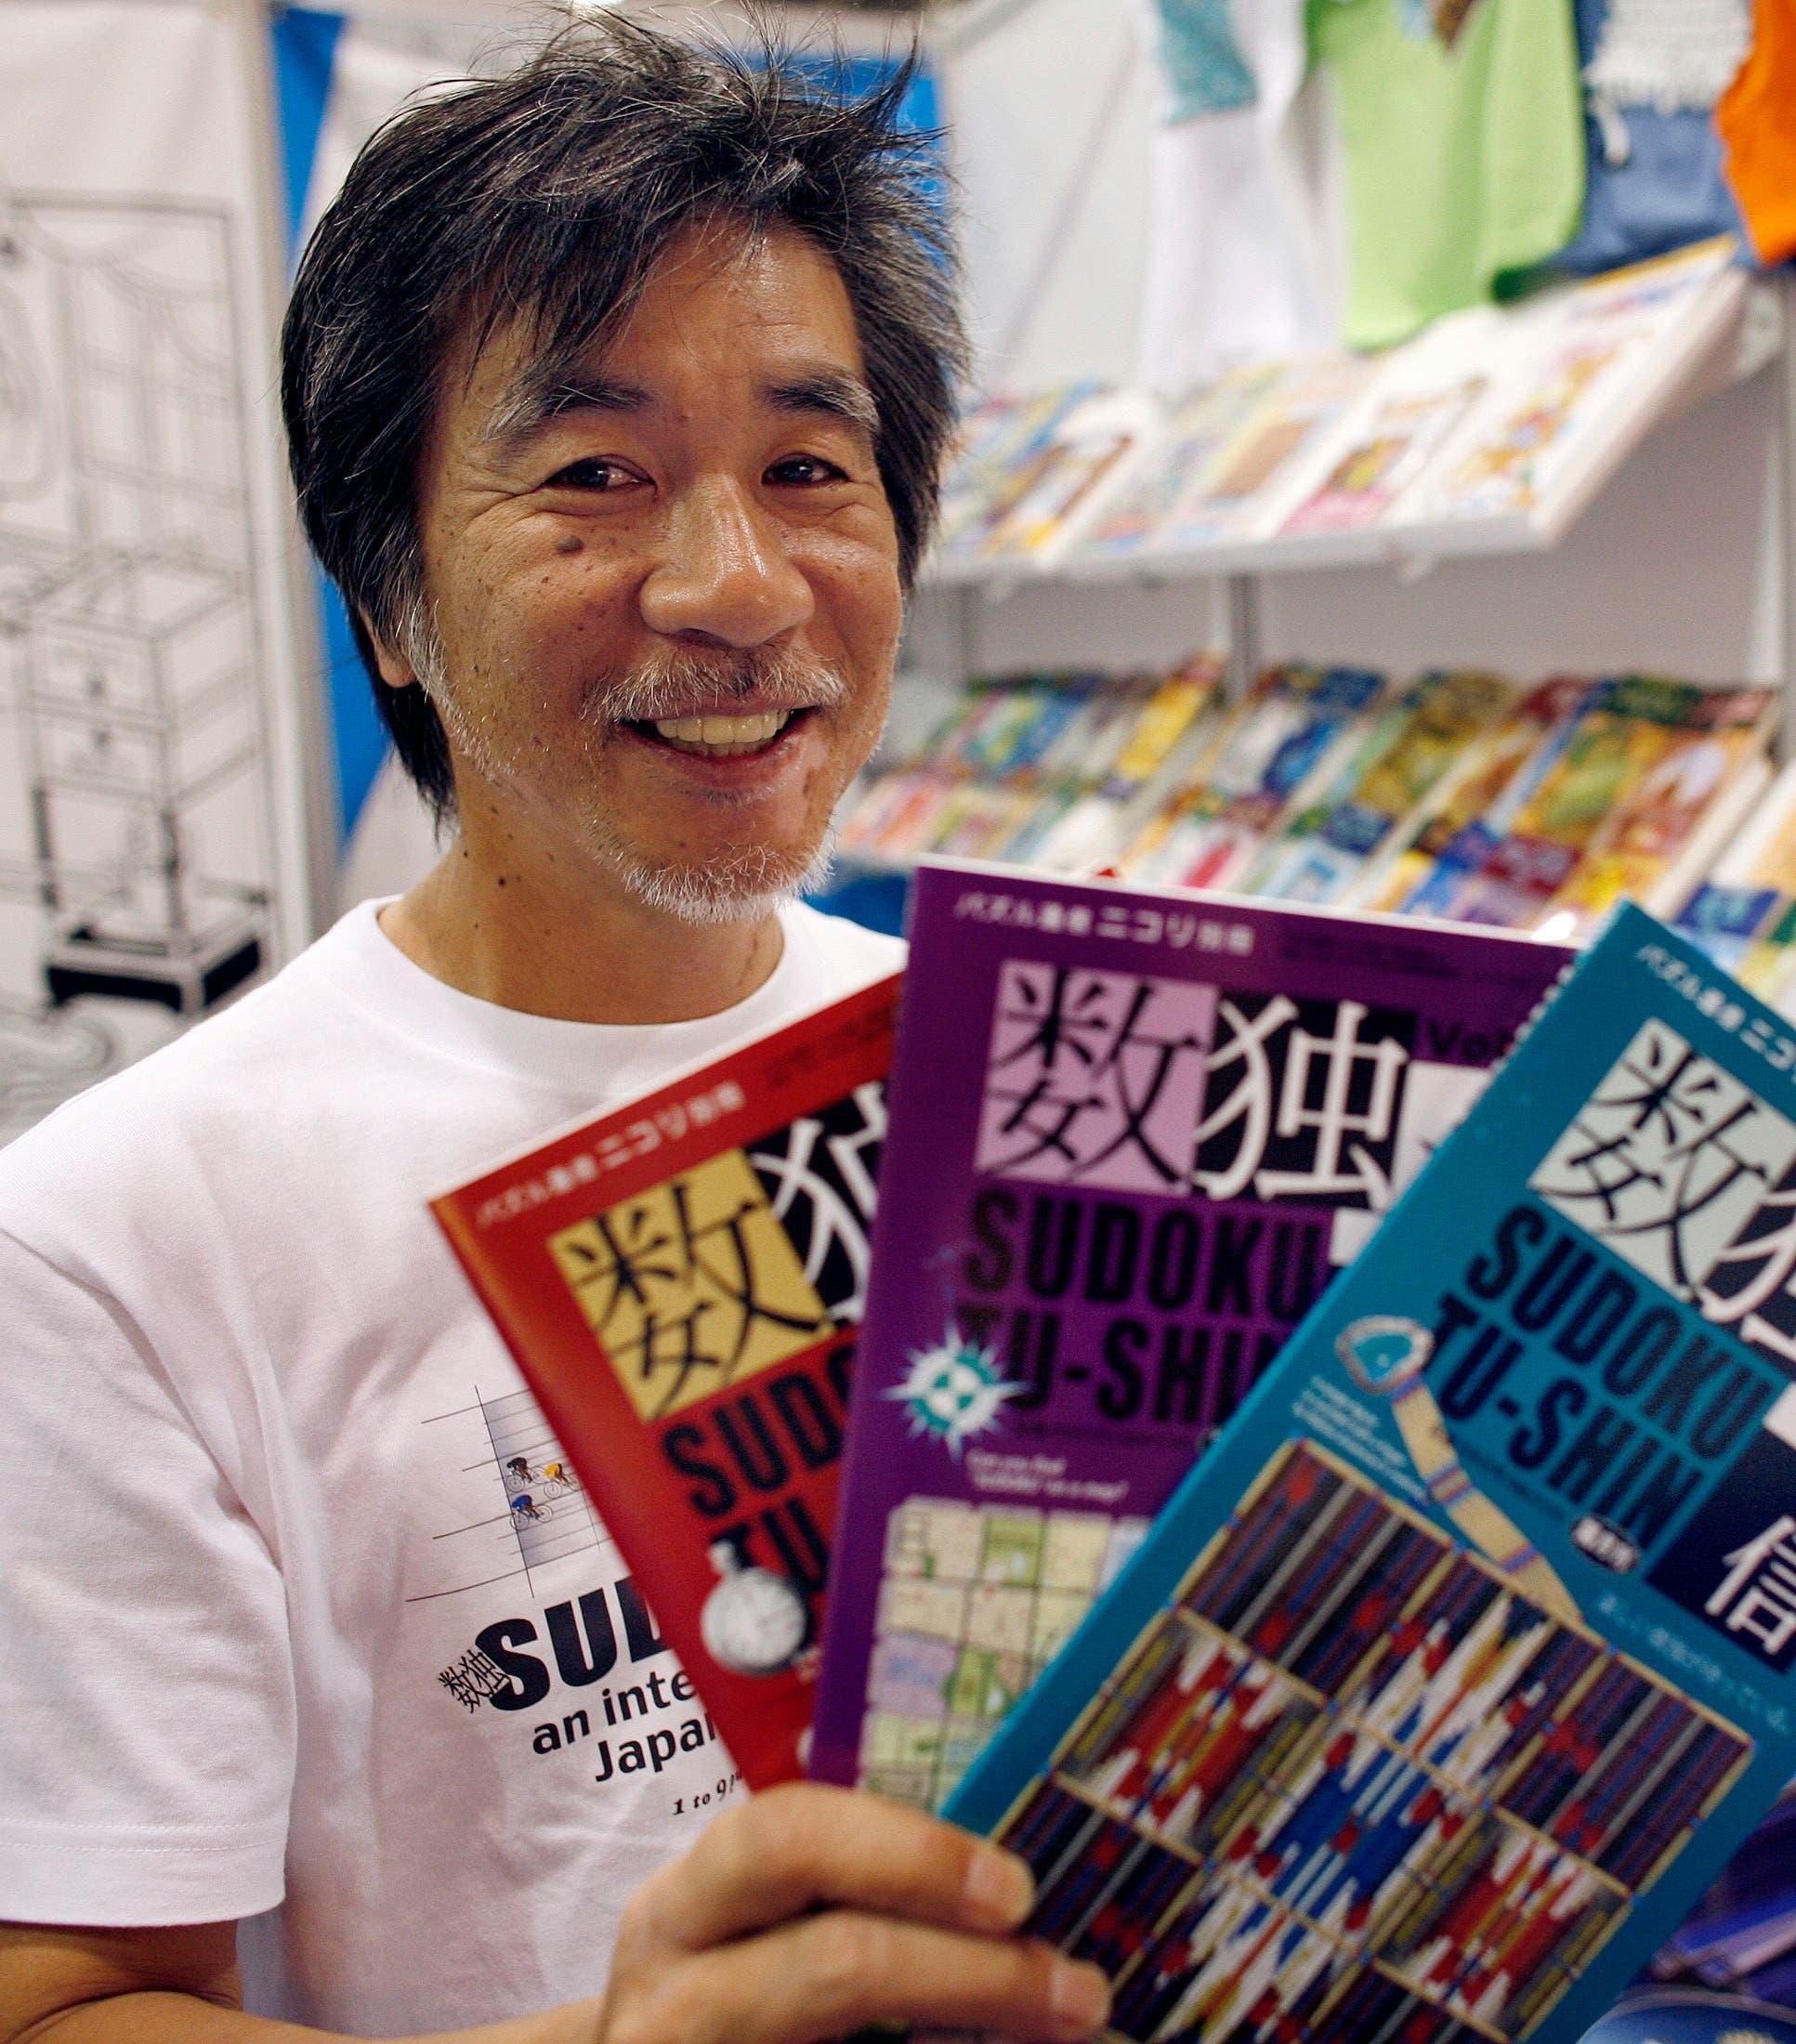 ماكي كاجي يحمل مجلات مخصصة للسودوكو في معرض للكتاب في نيويورك في 2007